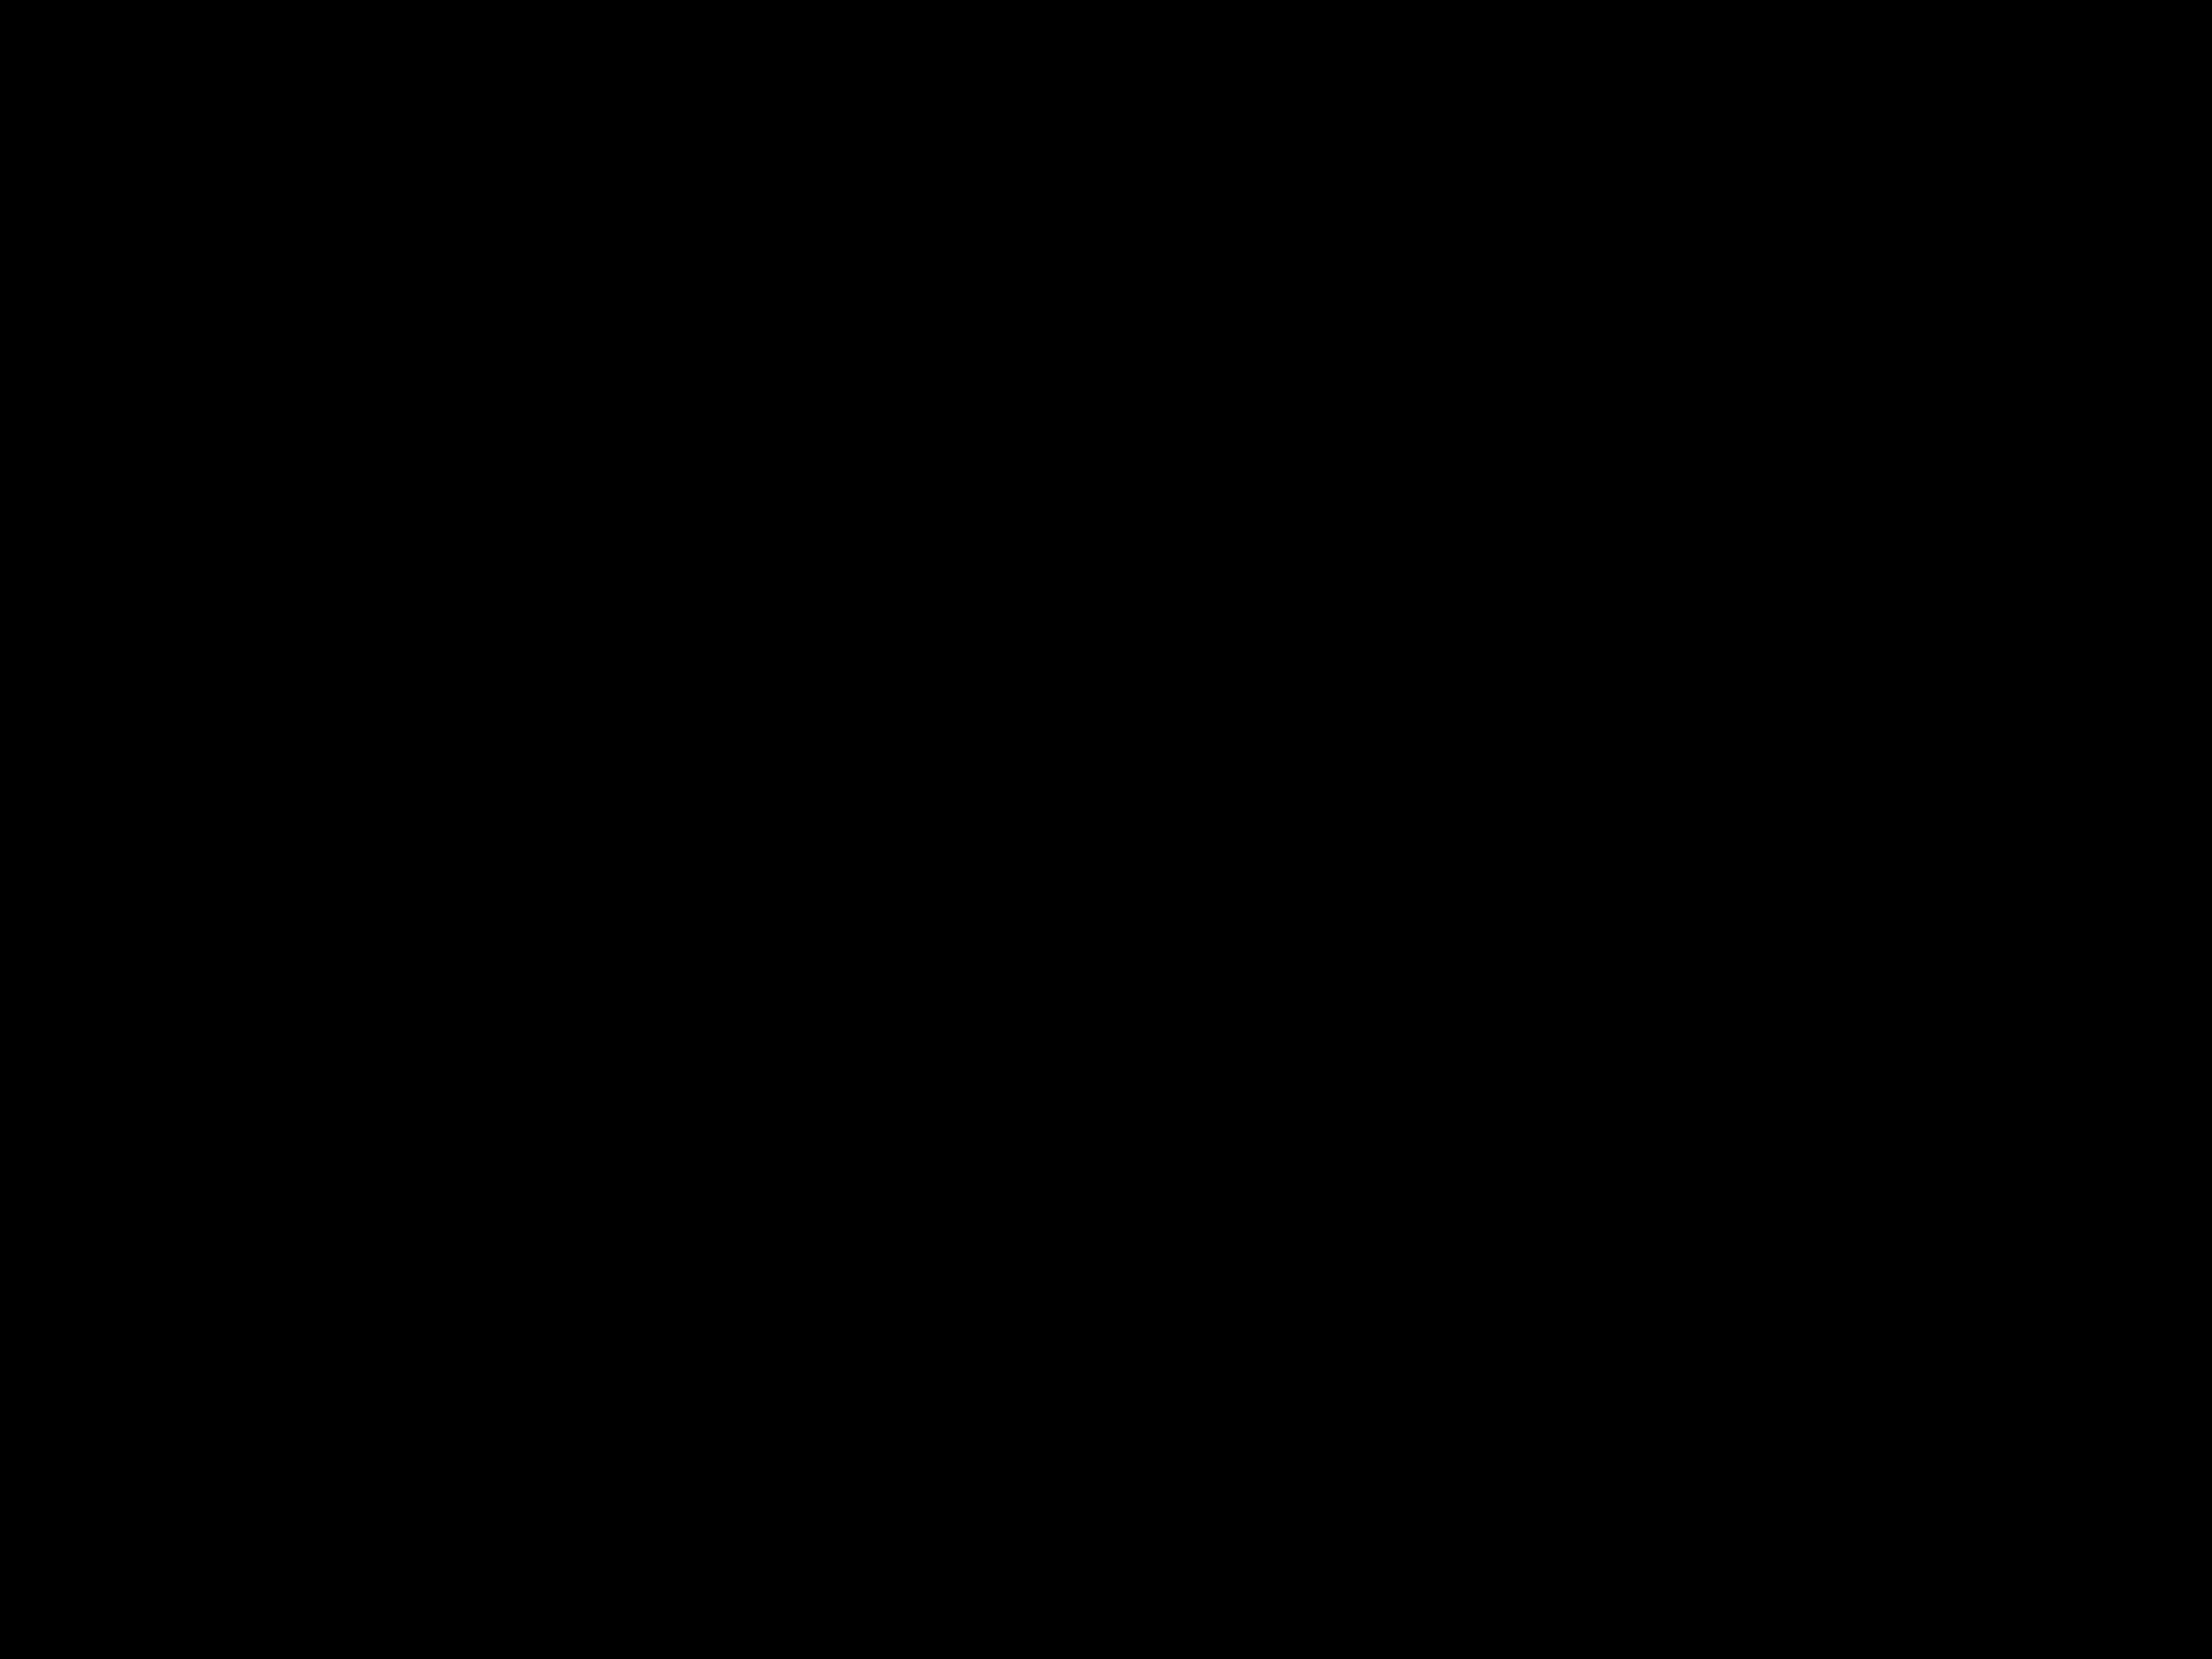 Blte Muster Mandala Vorlage Zum Drucken Und Malen